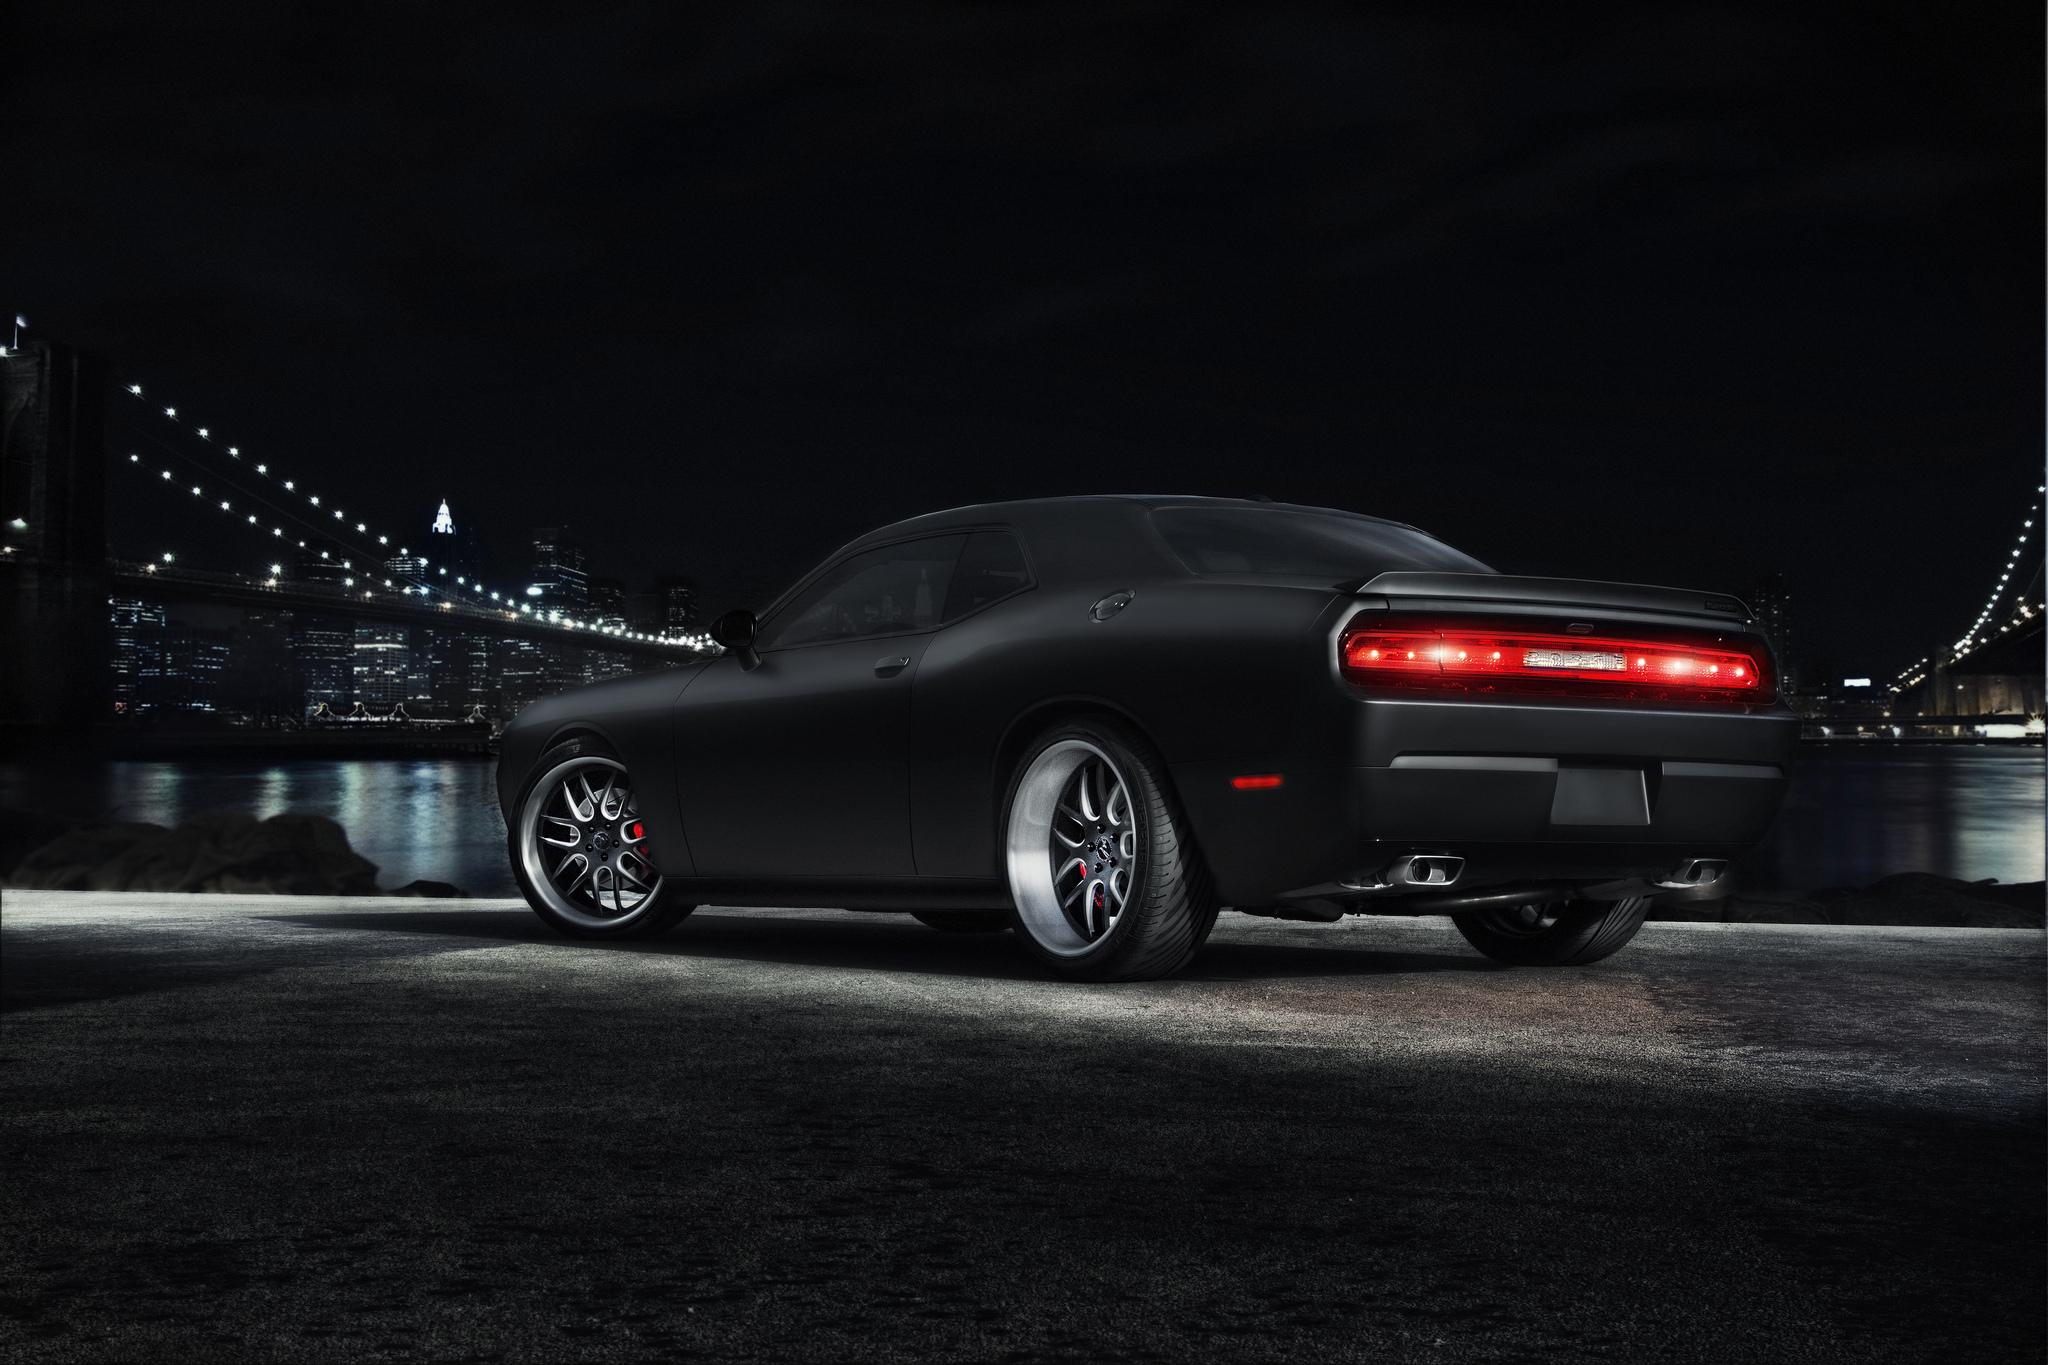 красный спортивный автомобиль Dodge Challenger red sports car  № 728351 бесплатно